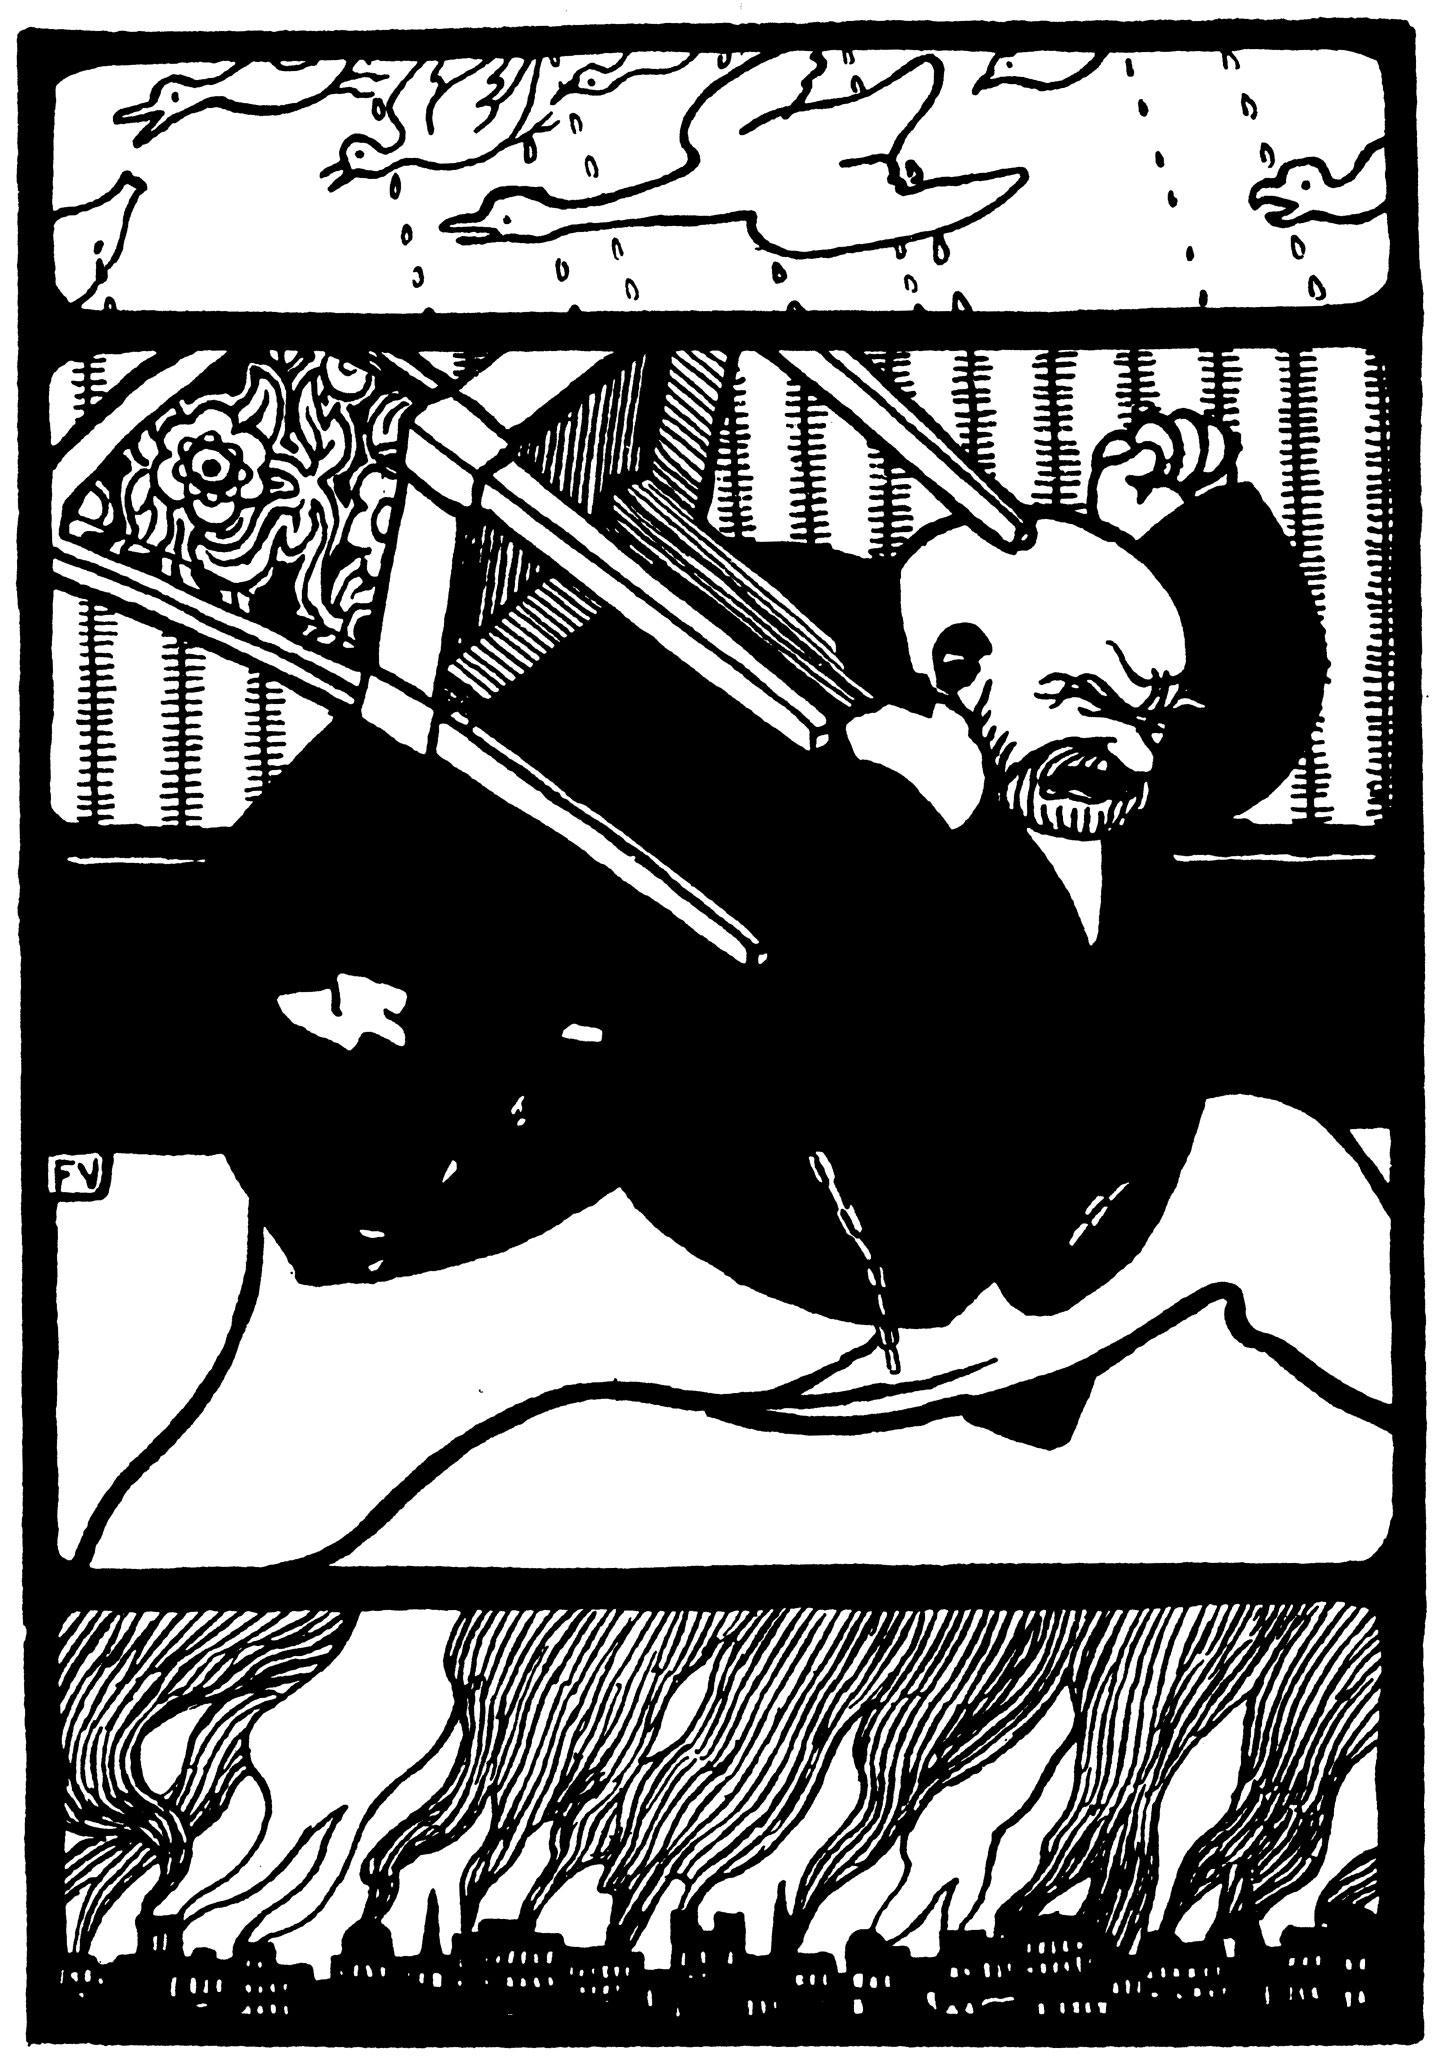 Illustration of Rakkóx by Félix Vallotton from Rakkóx the Billionaire